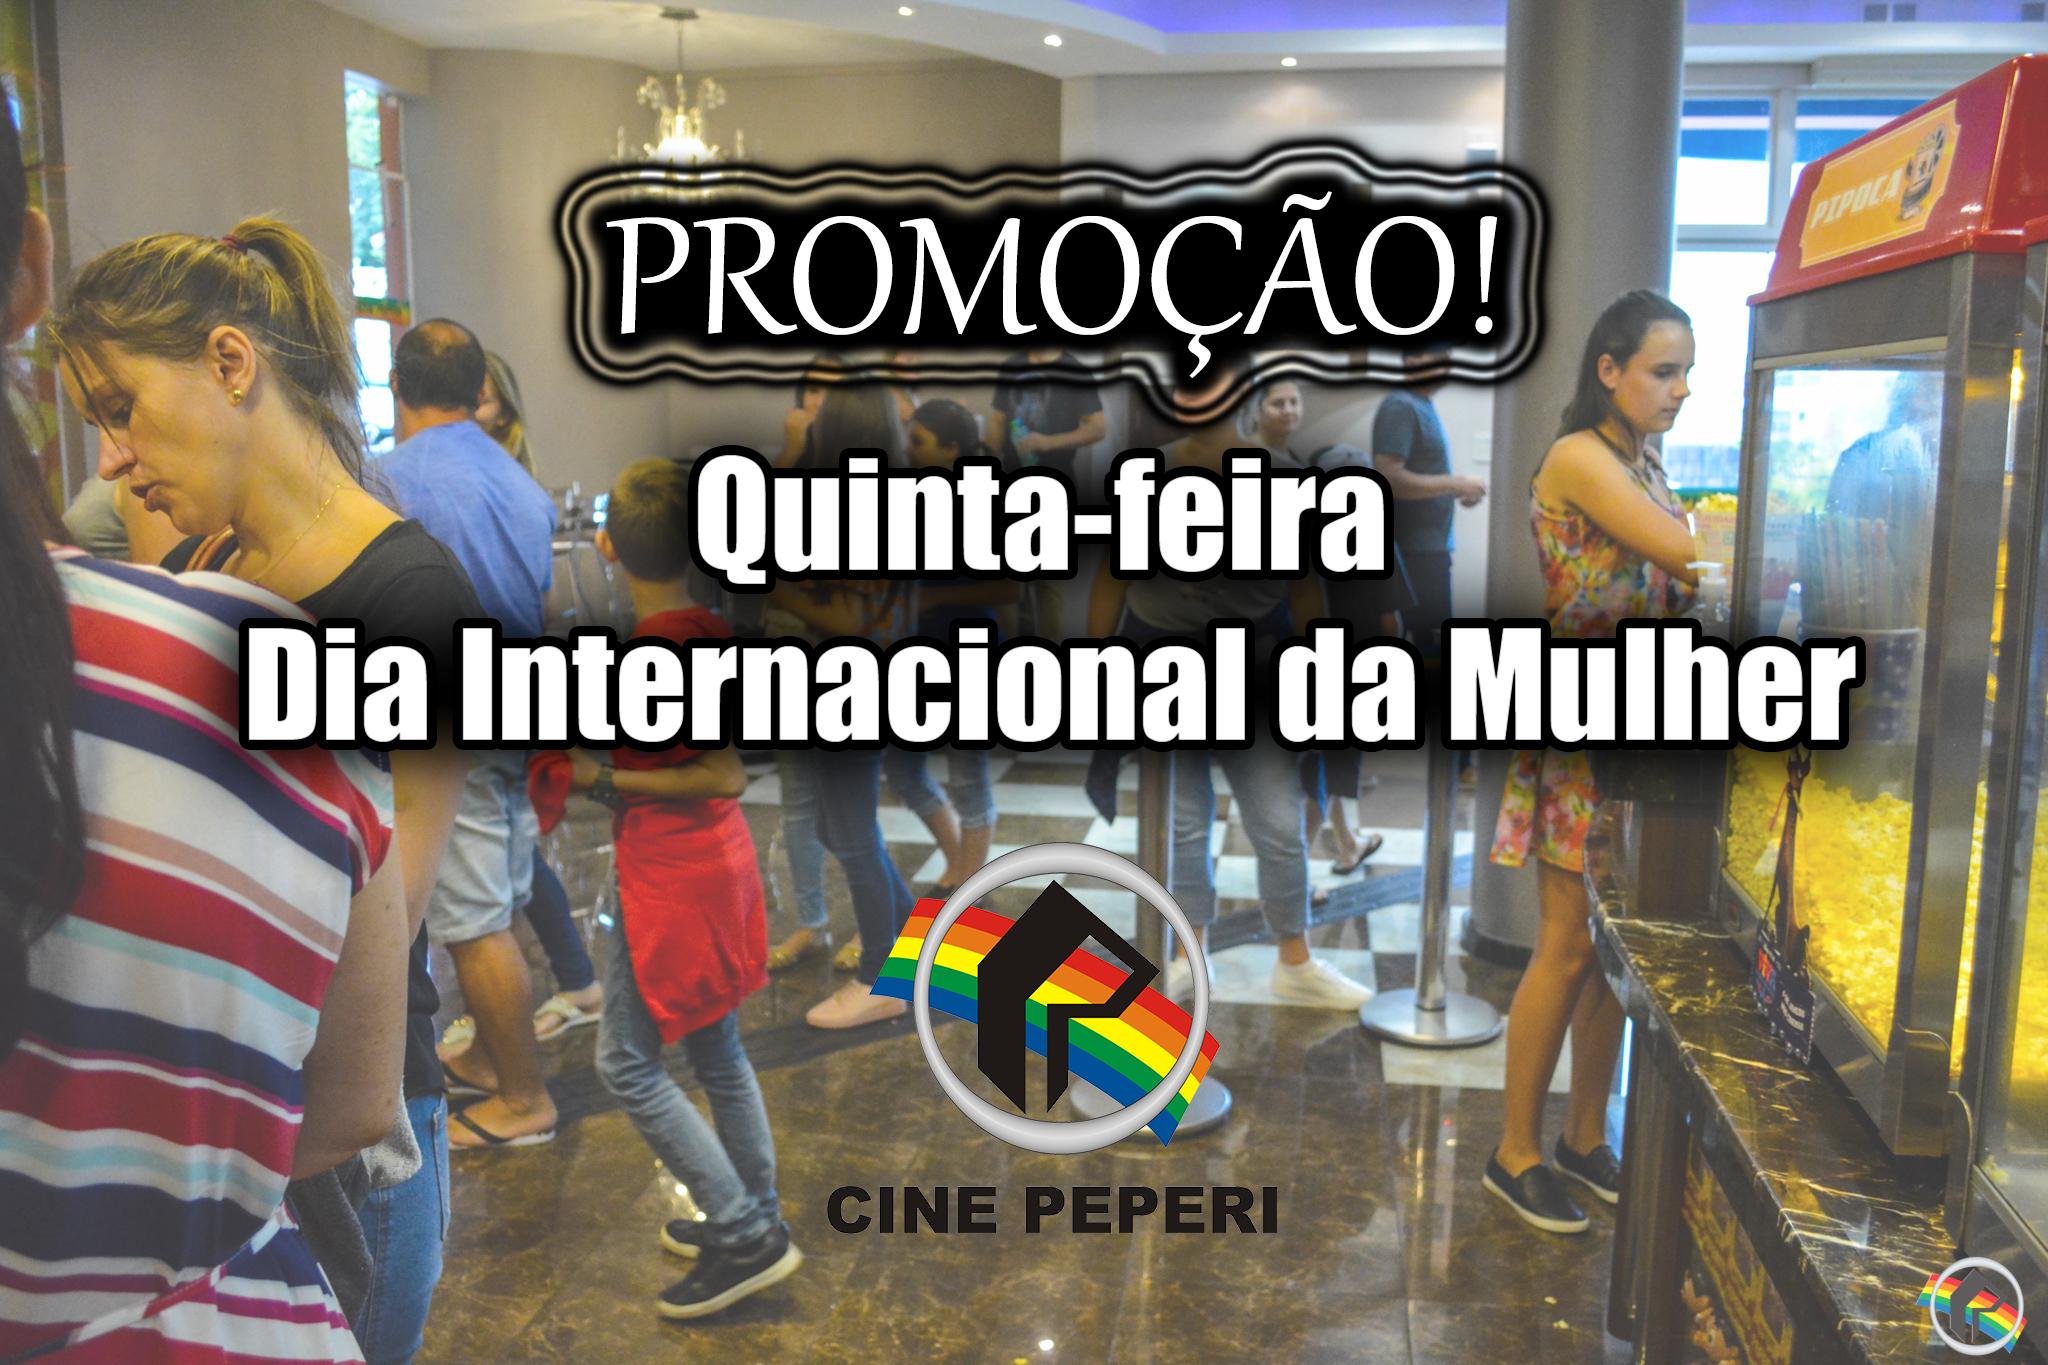 Cine Peperi realiza promoção para as mulheres quinta-feira